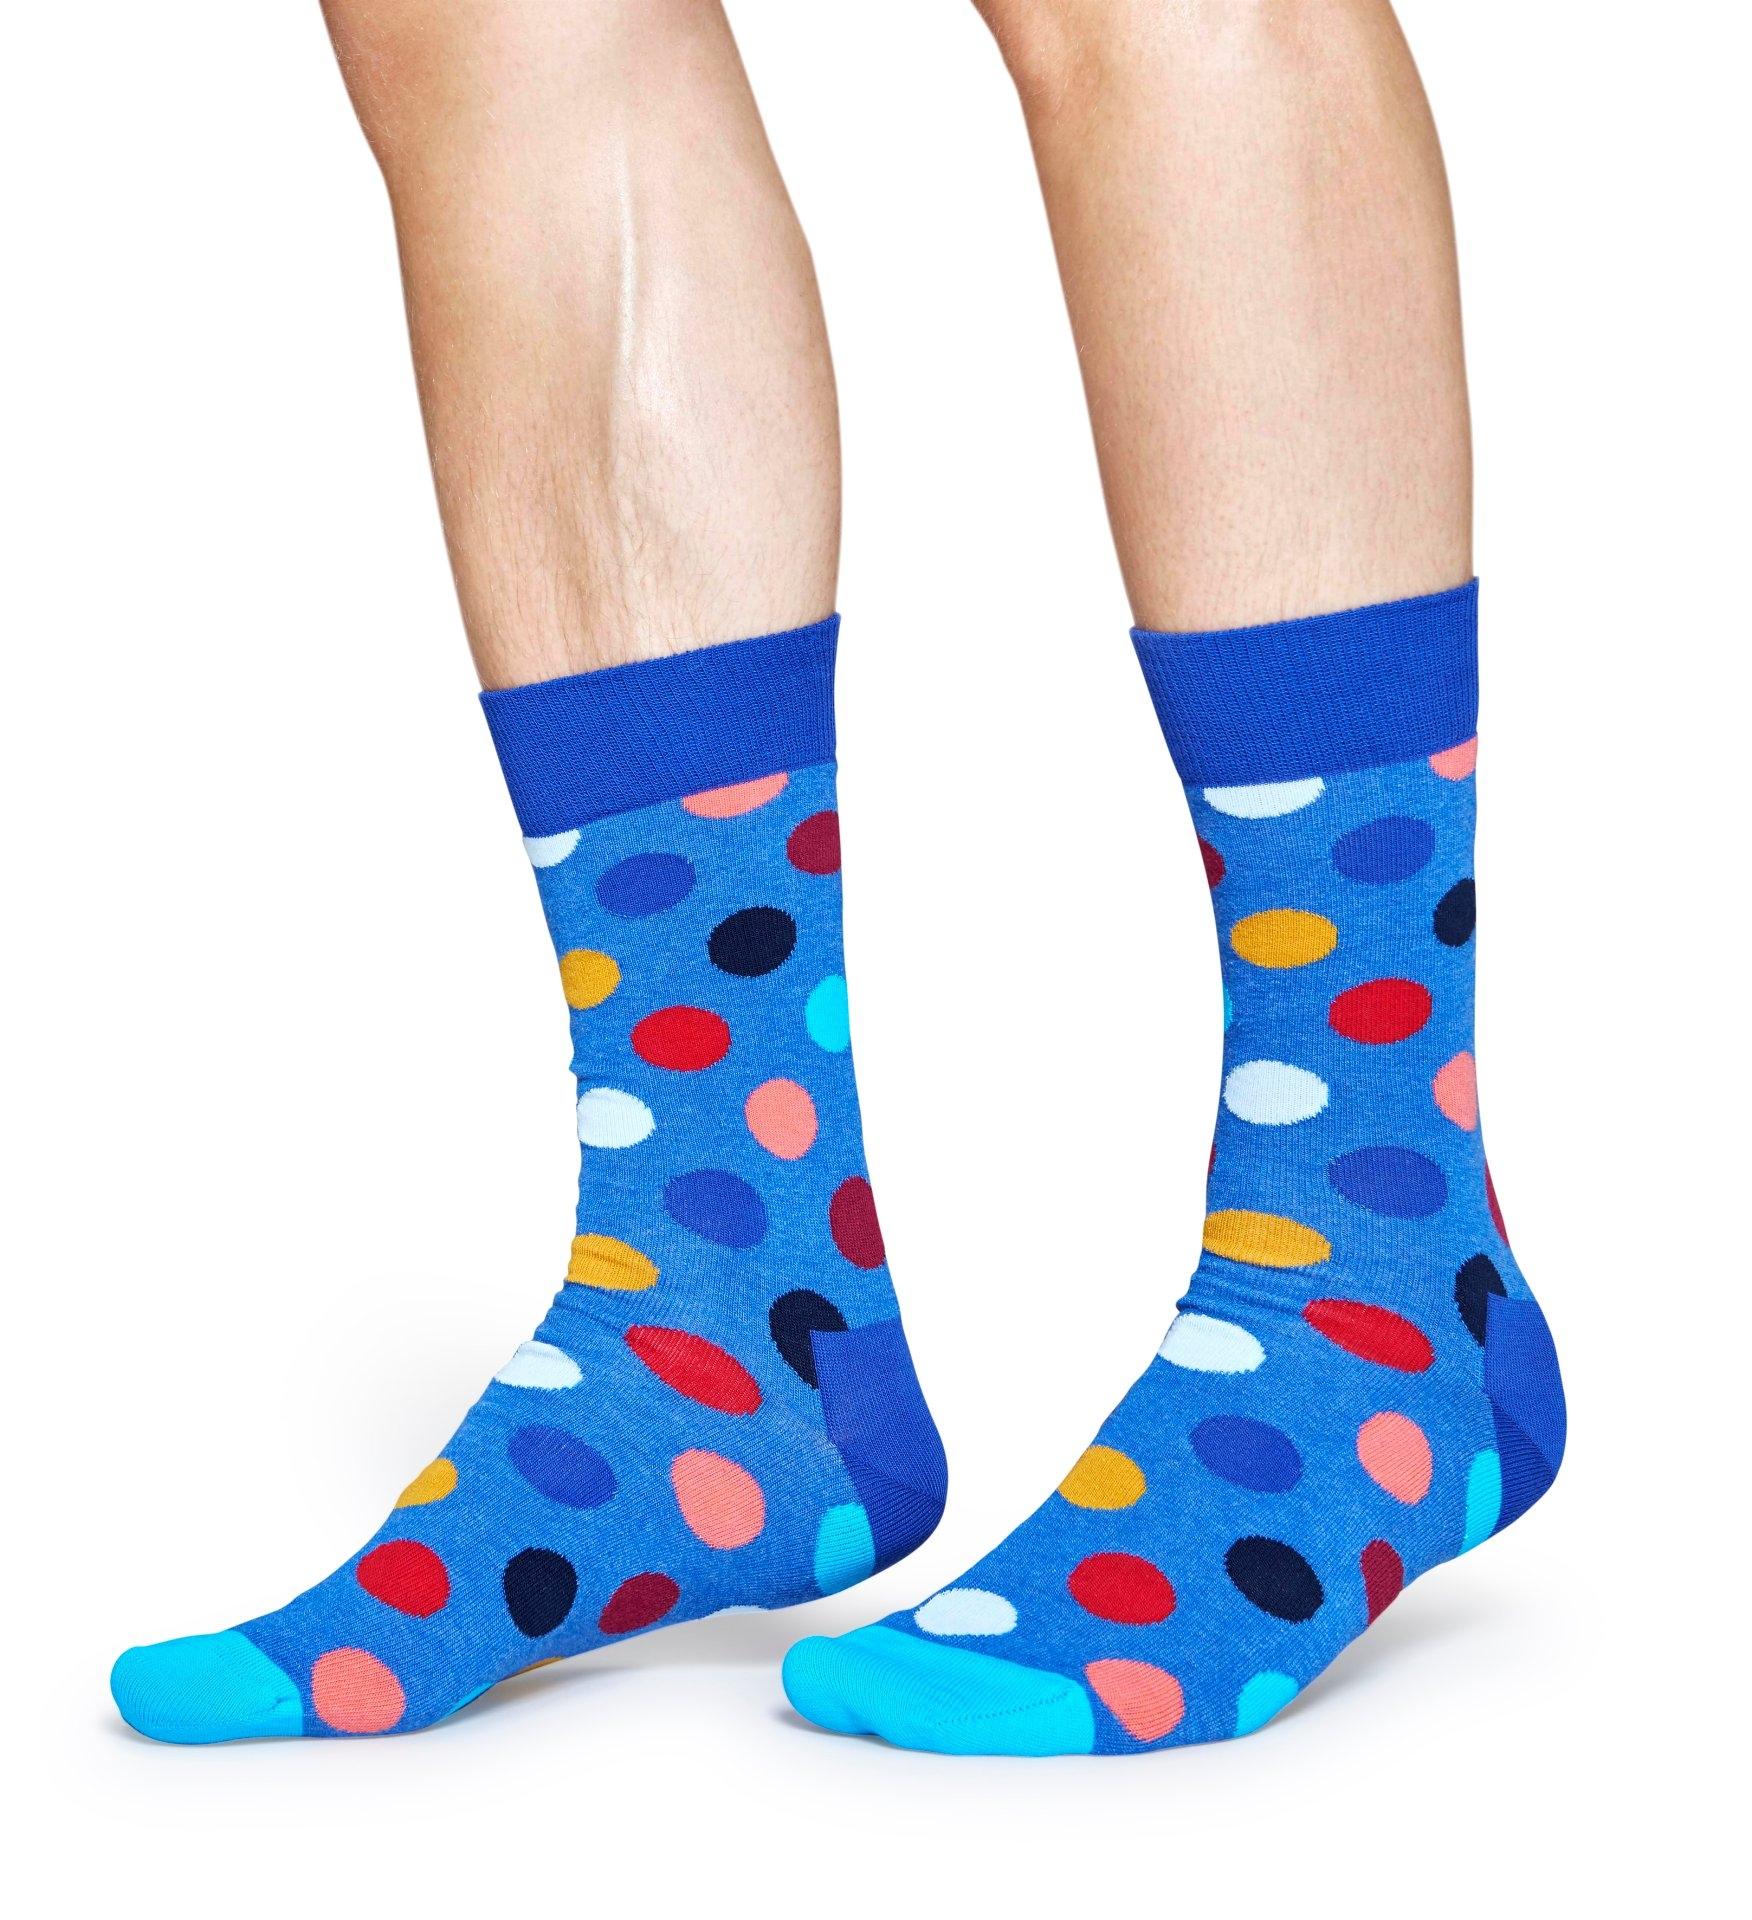 24a867fe6a9eac Skarpetki męskie Happy Socks śmieszne wzory 41-46 7527463374 - Allegro.pl